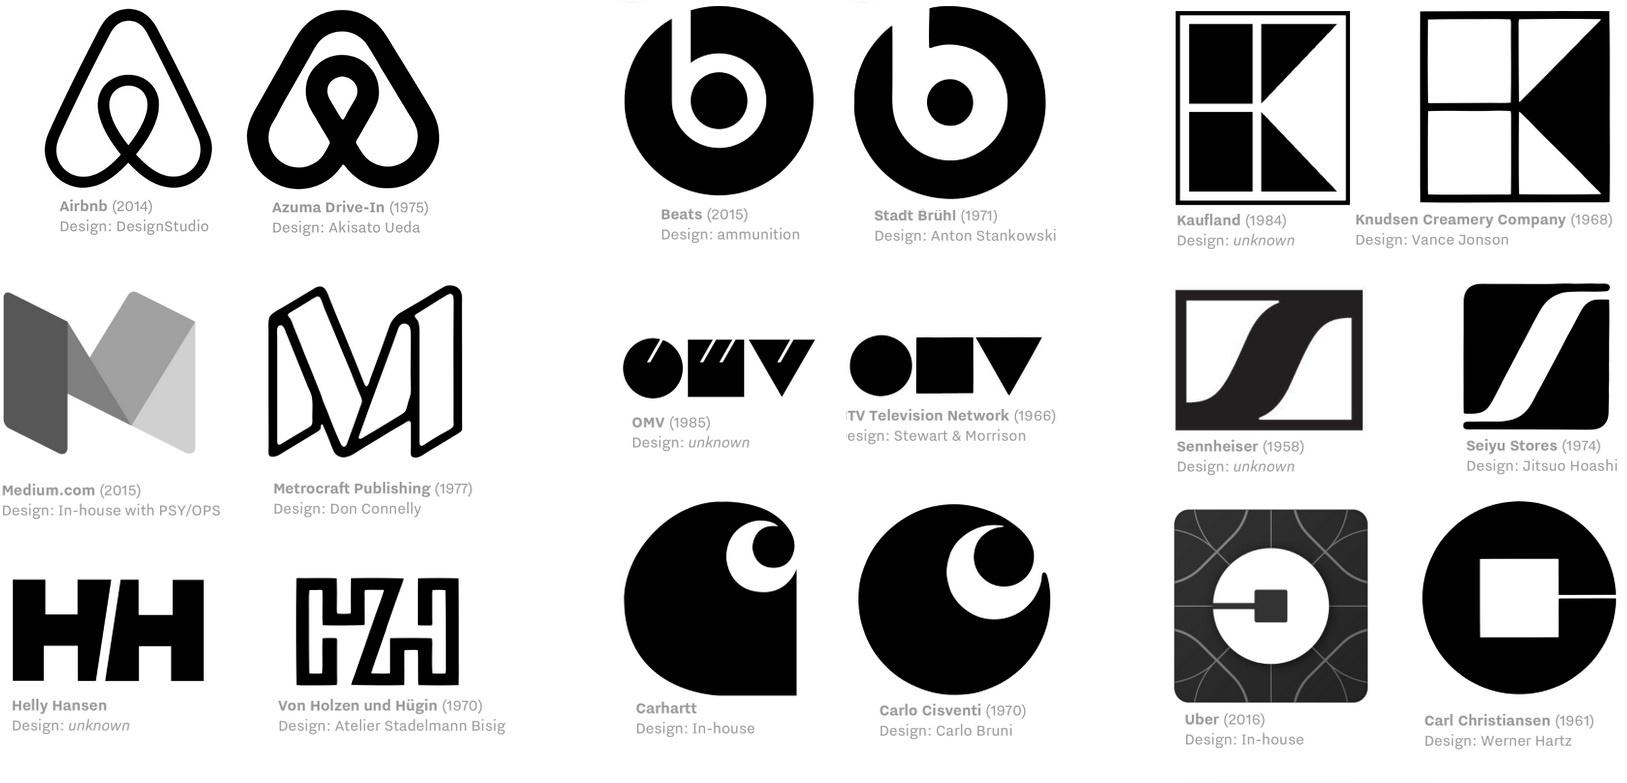 Хороший дизайнер копирует чужие логотипы, великий — крадёт - 1